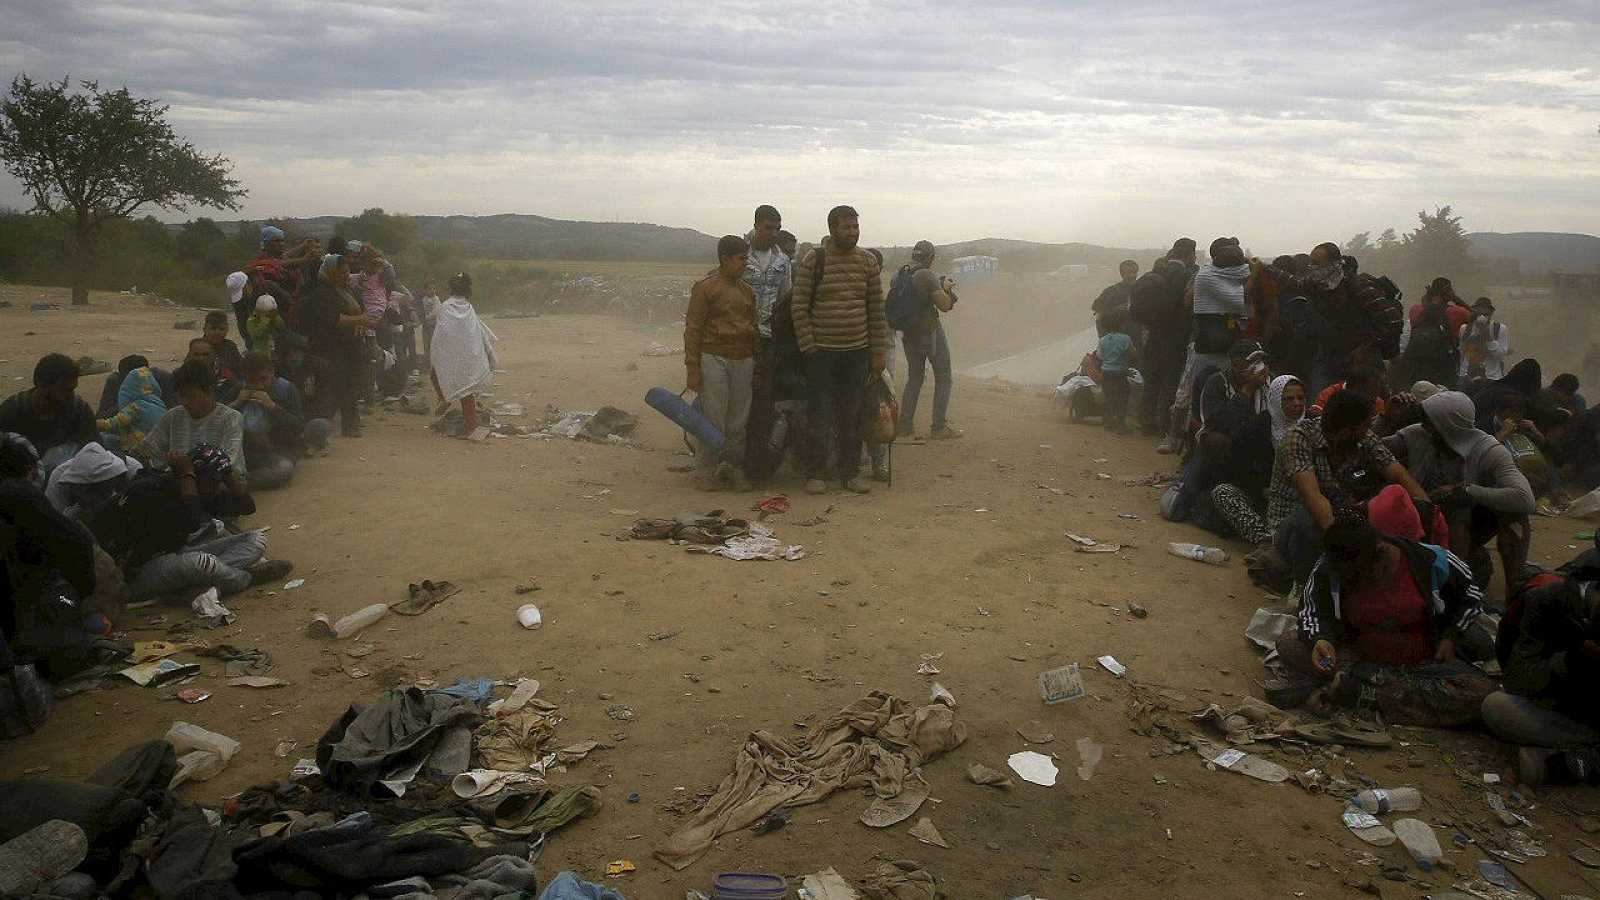 Inmigrantes y refugiados esperan para cruzar a Macedonia desde Grecia, cerca de la localidad de Idomeni, el 7 de septiembre de 2015. REUTERS/Yannis Behrakis